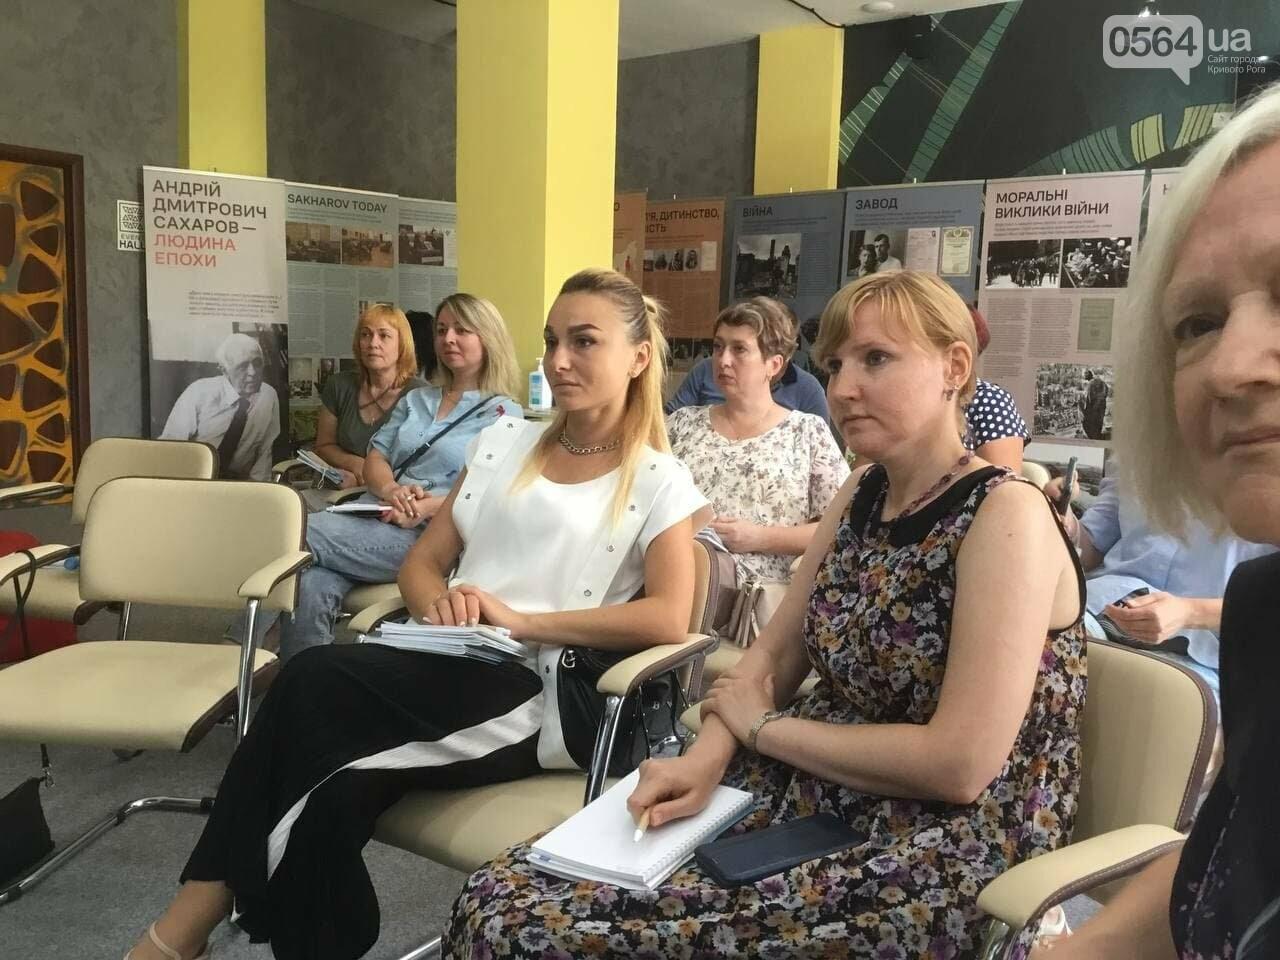 Правовой Weekend в Кривом Роге: правозащитники обсудили проблемы социальной сплочённости, - ФОТО, ВИДЕО, фото-3